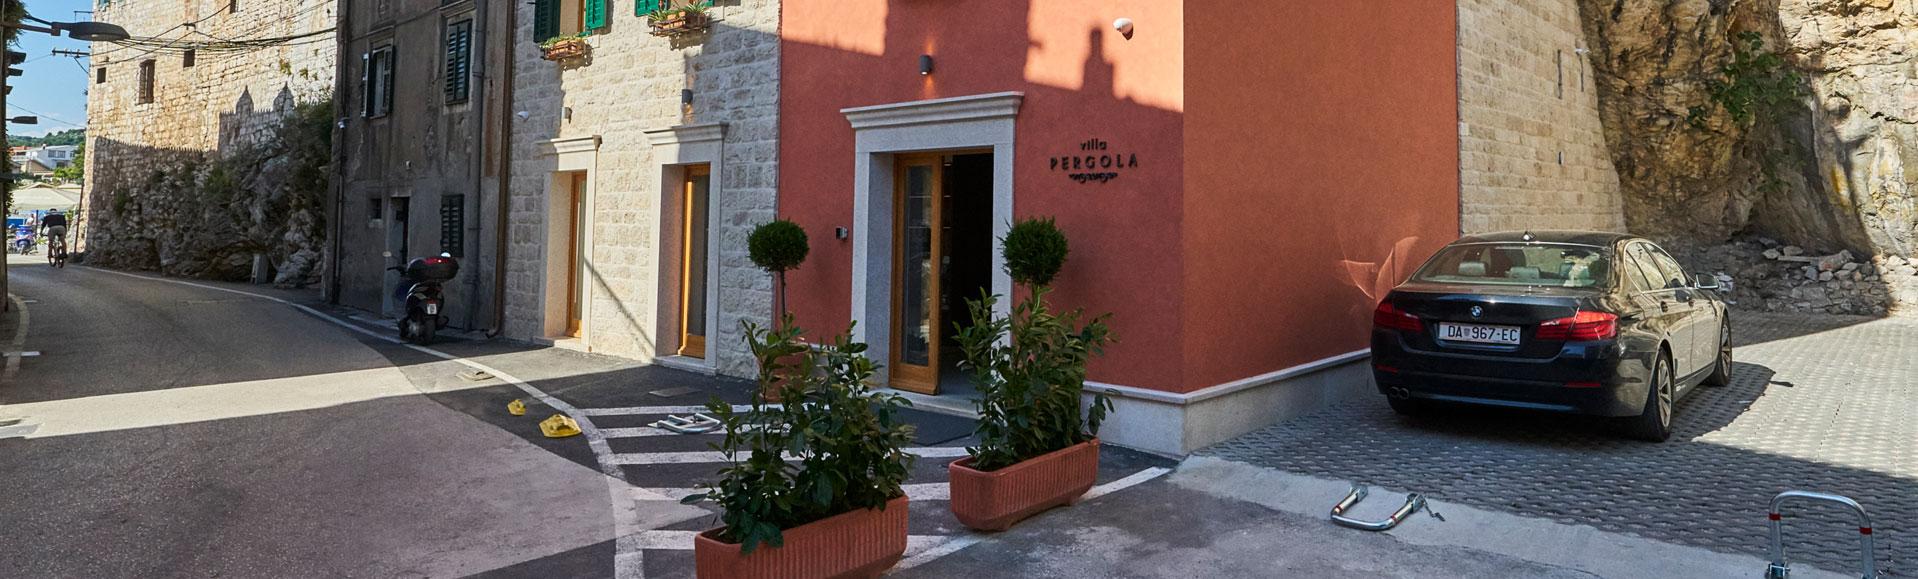 parking-villa-pergola